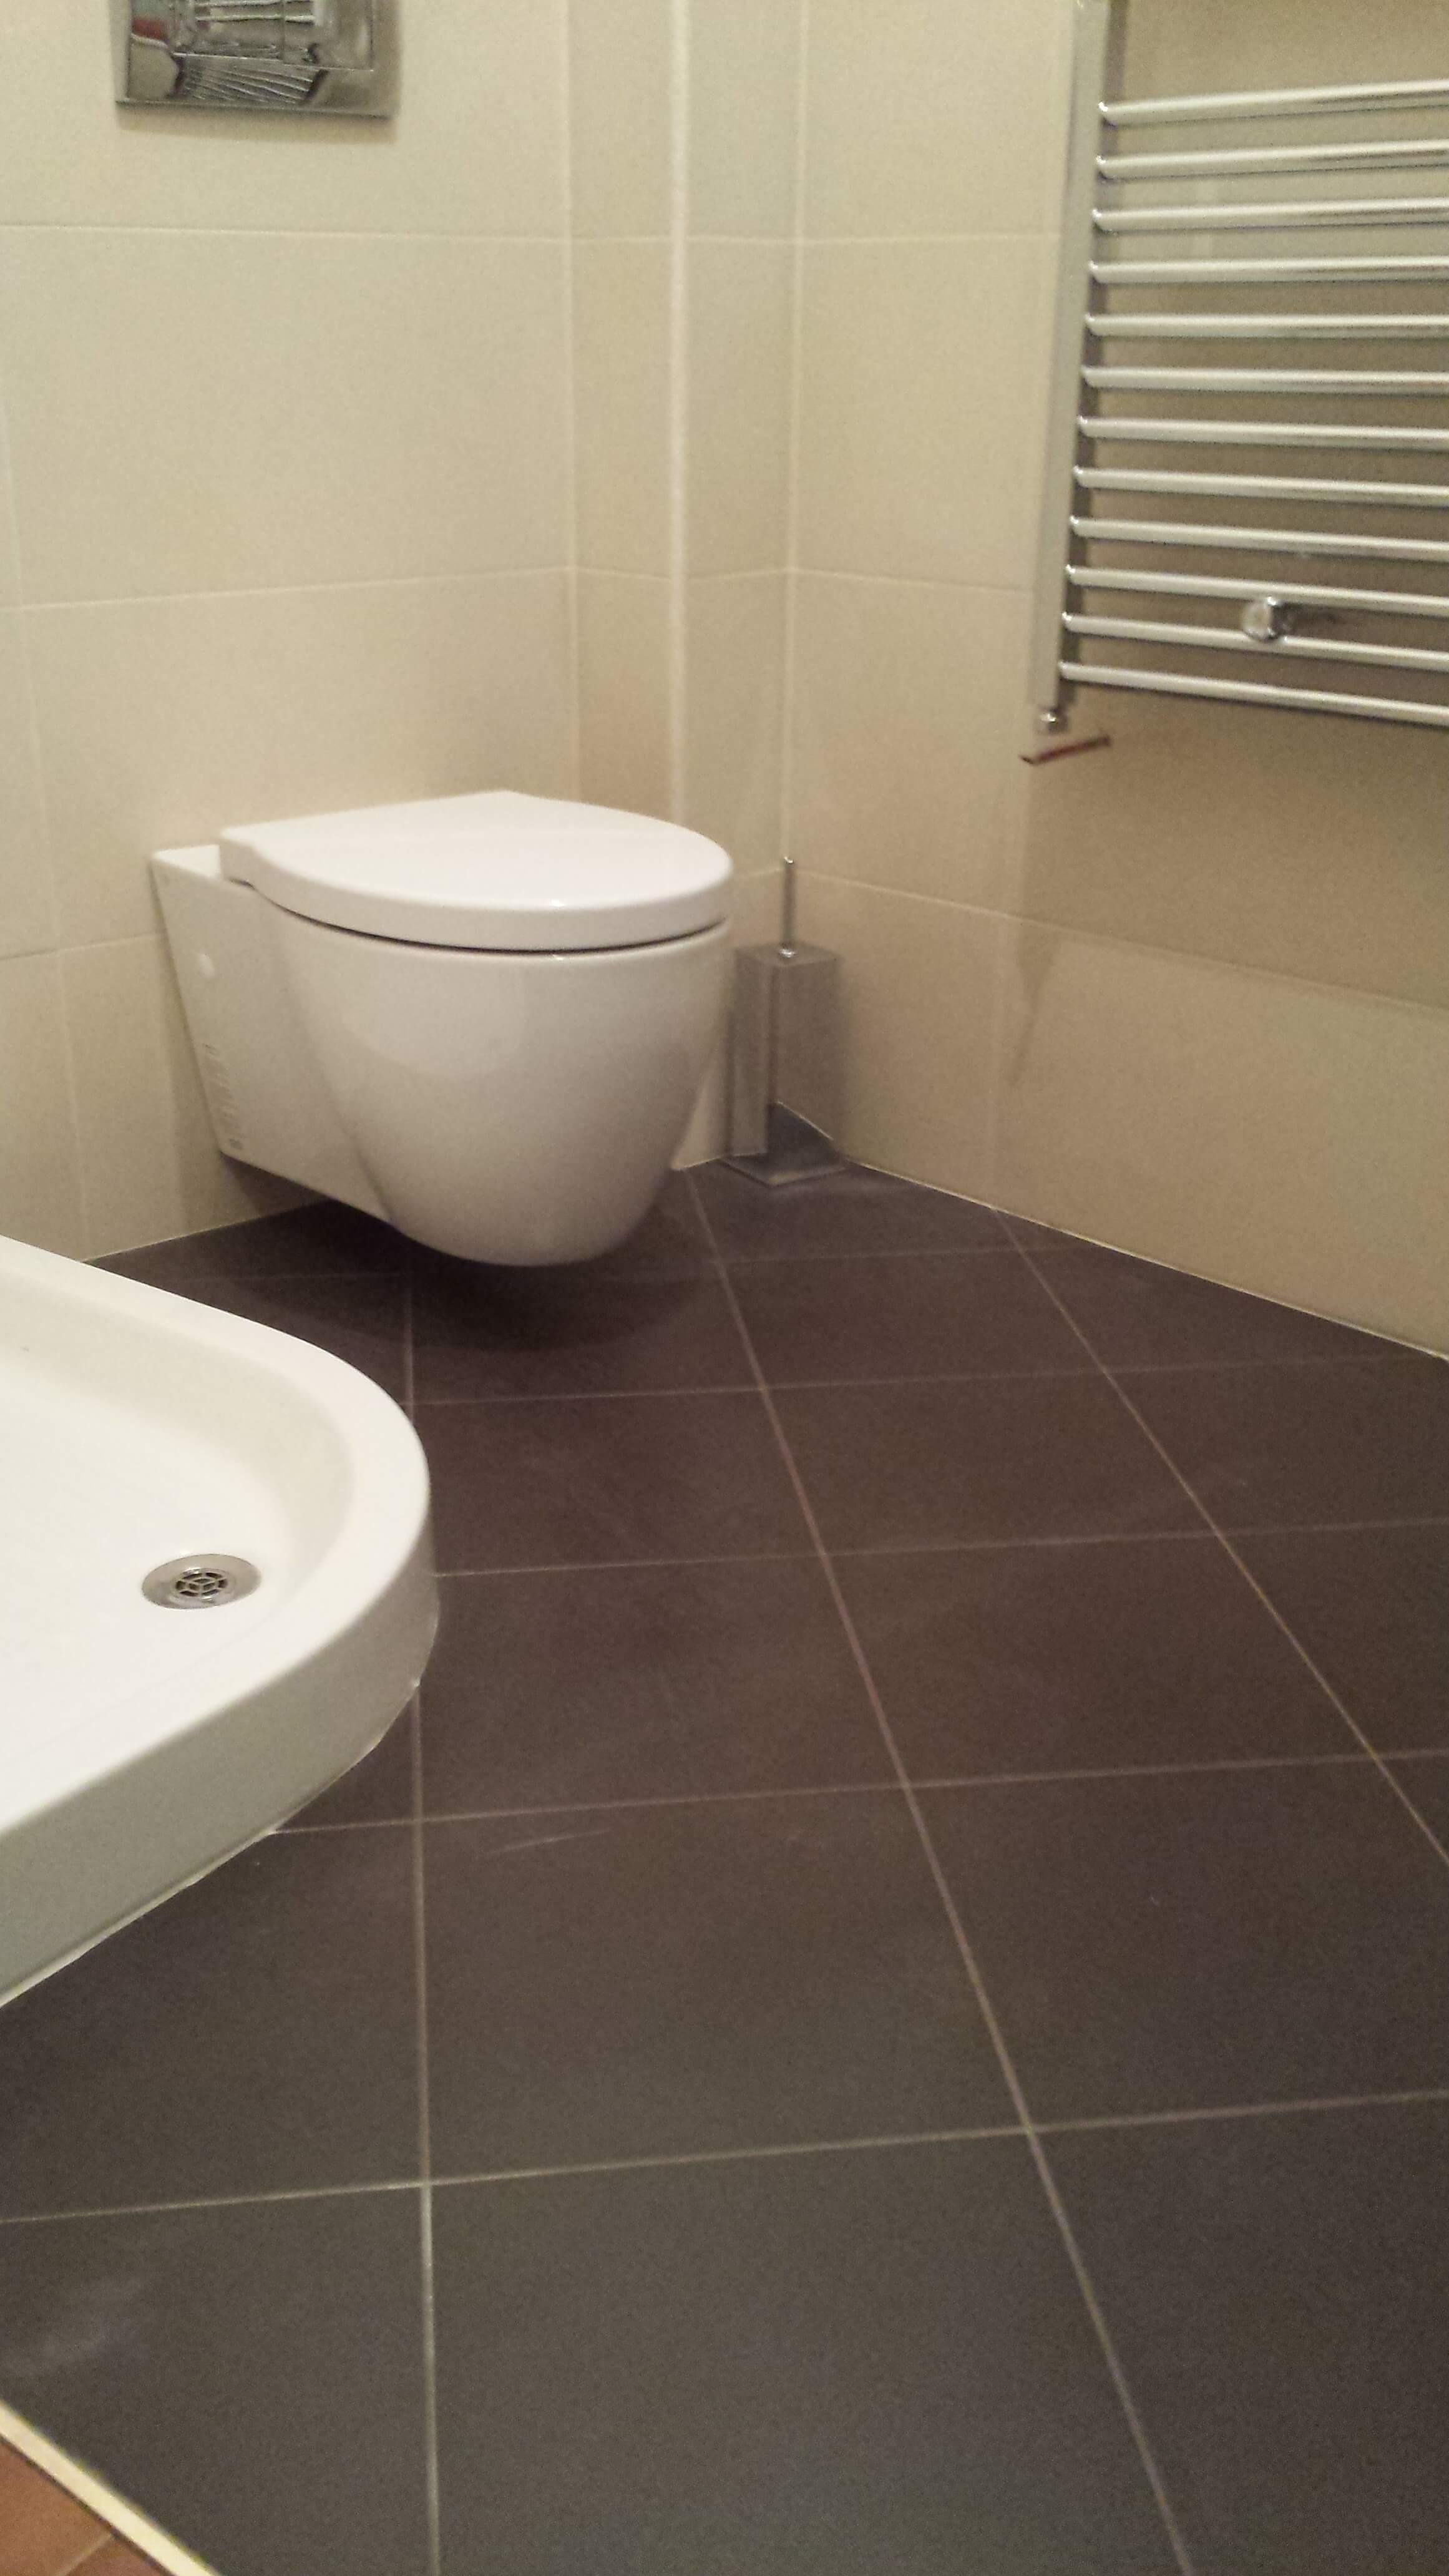 bagno con pavimento con piastrelle scure, bidé bianco e scaldasalviette